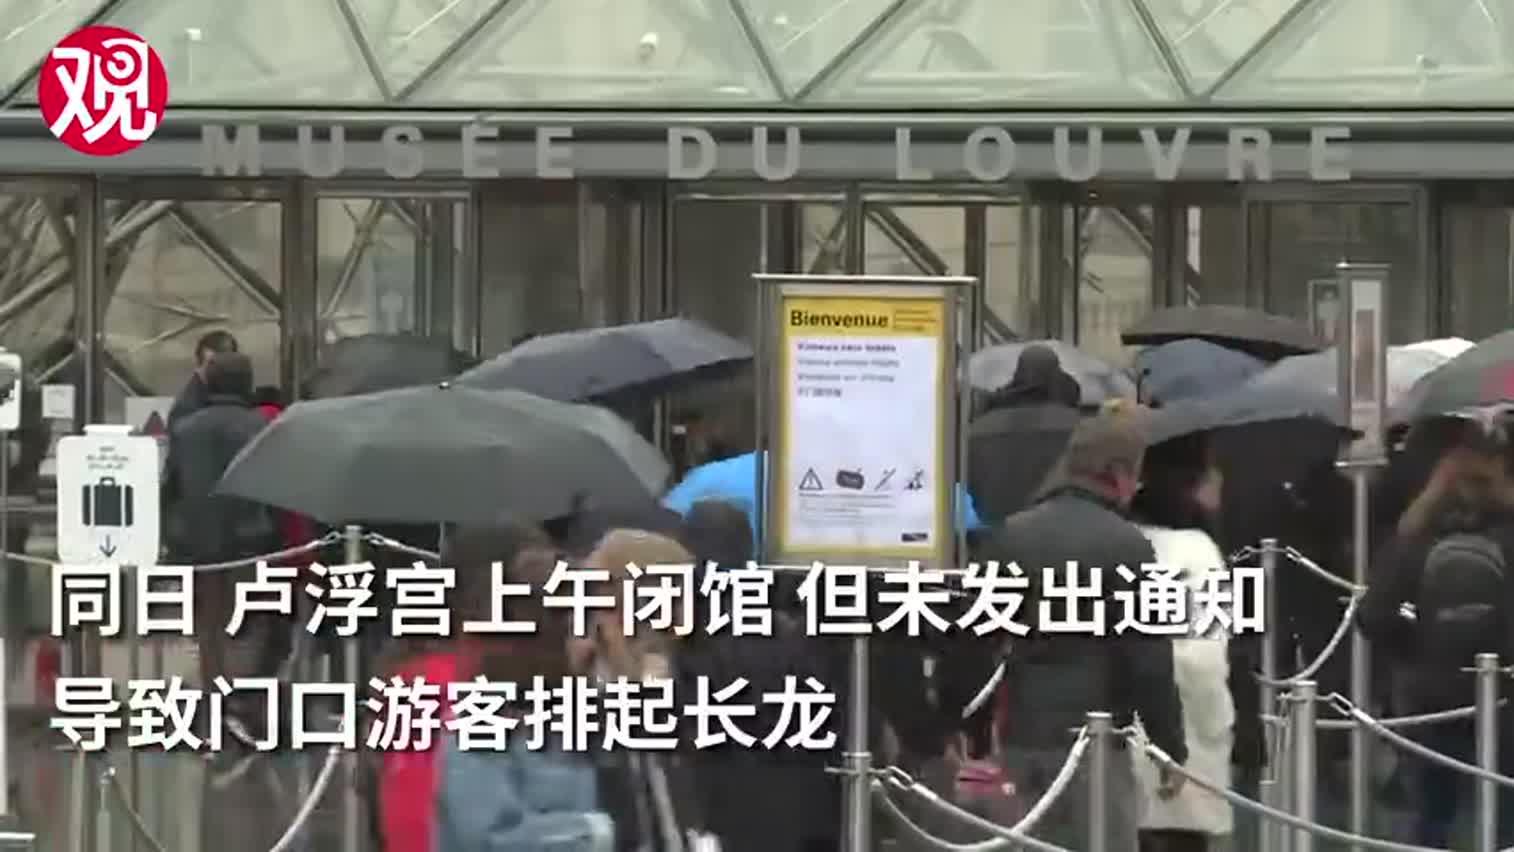 视频|工作人员担心疫情拒绝上班 卢浮宫被迫闭馆